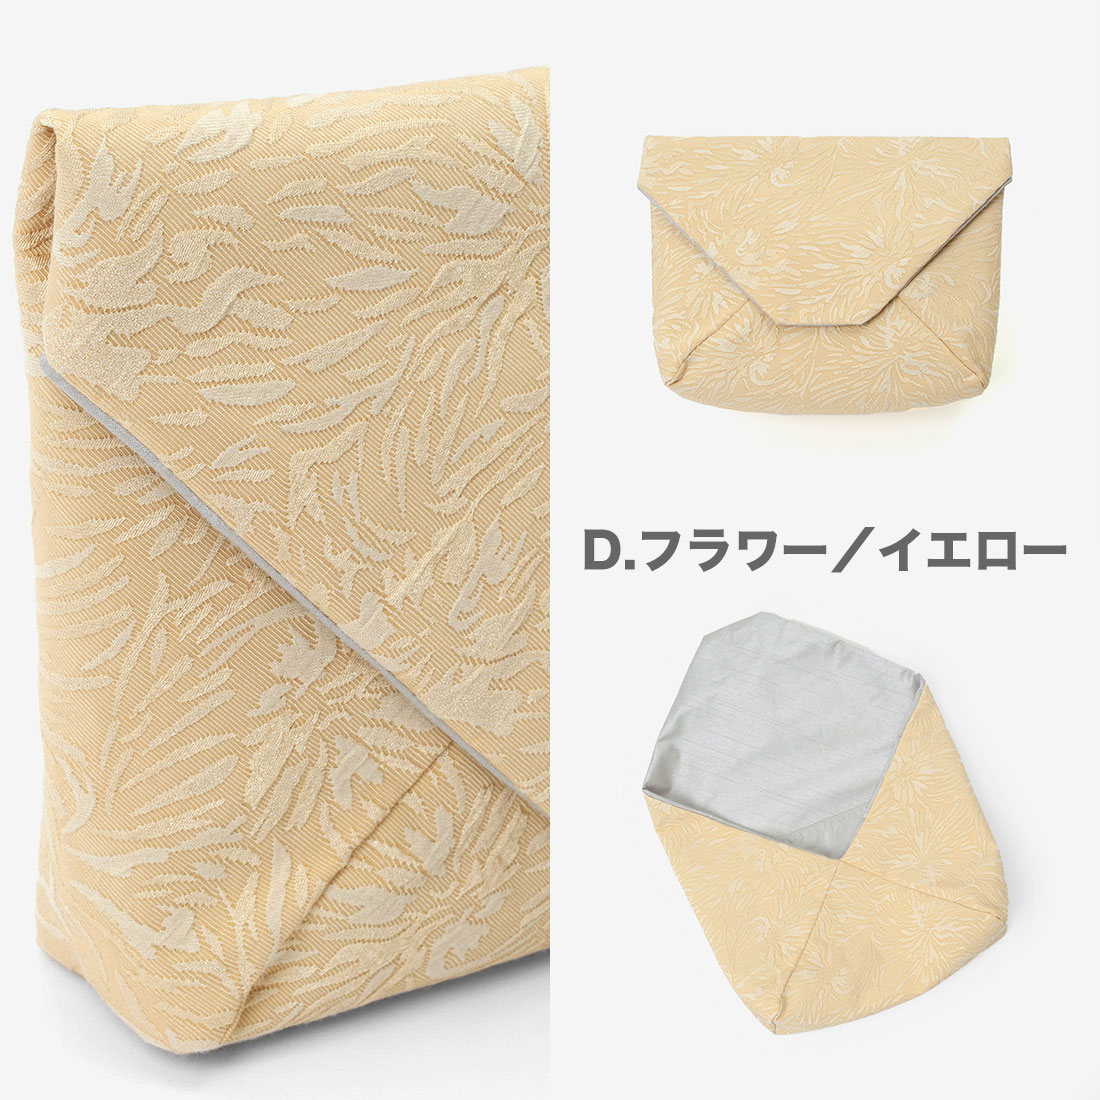 WAnocoto オリジナル懐紙入れ